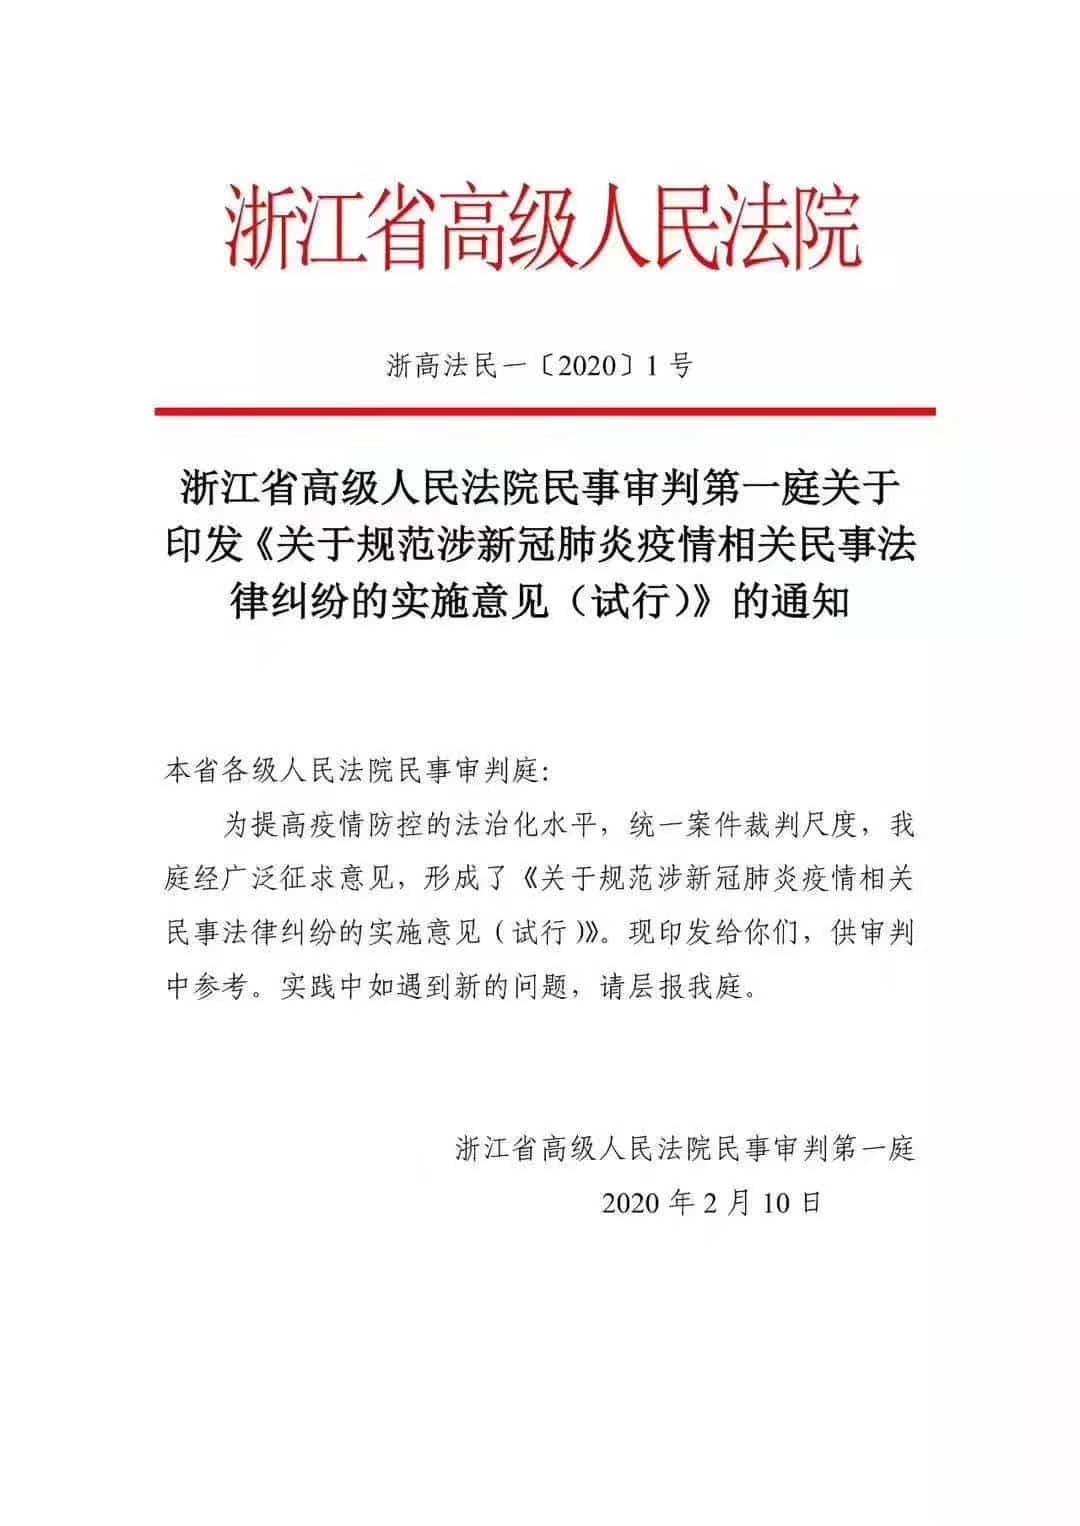 浙江高院关于涉新冠肺炎疫情相关民事案件的实施意见